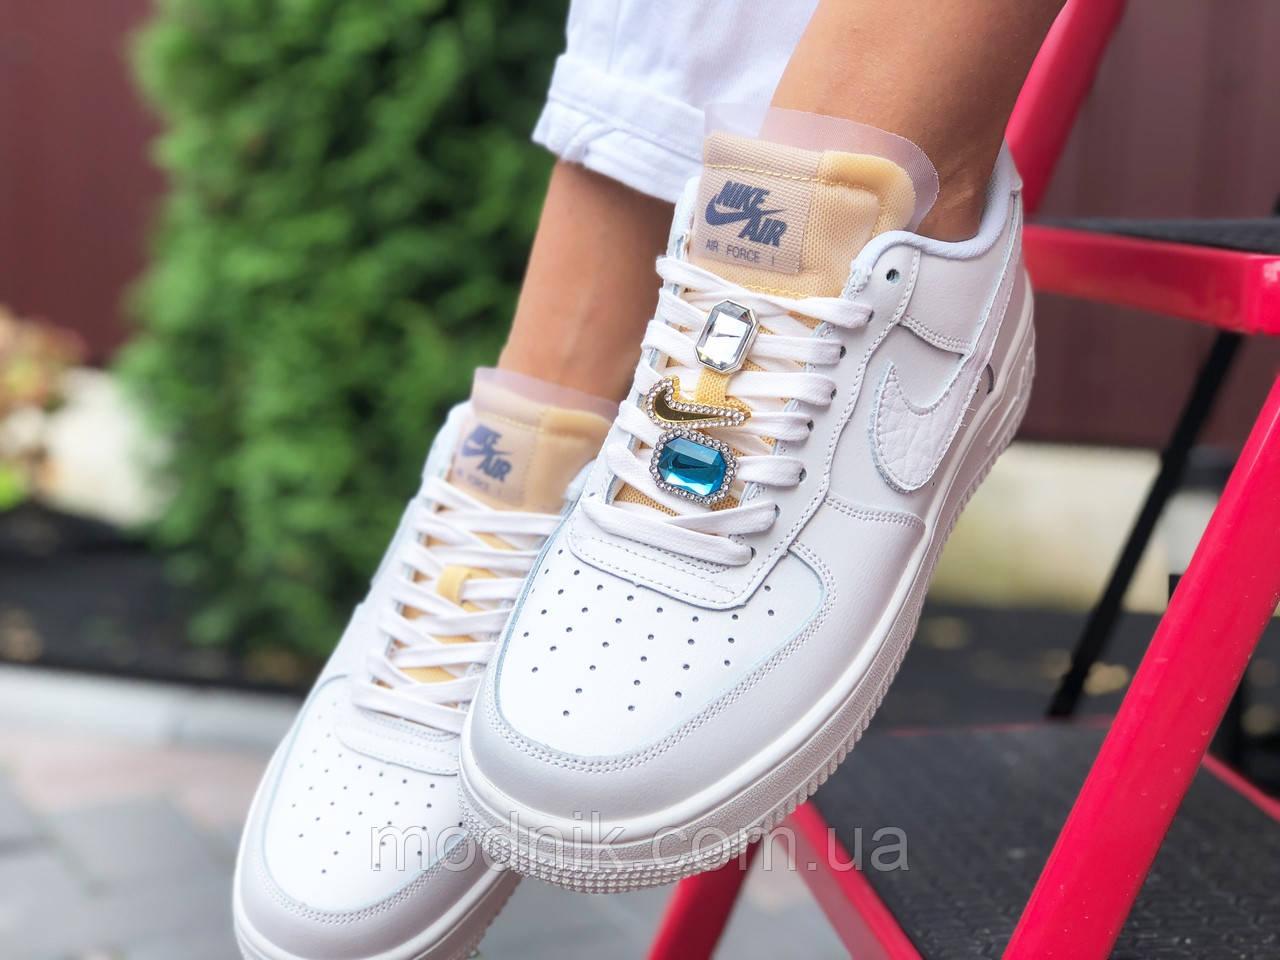 Женские кроссовки Nike Air Force (белые) 9821